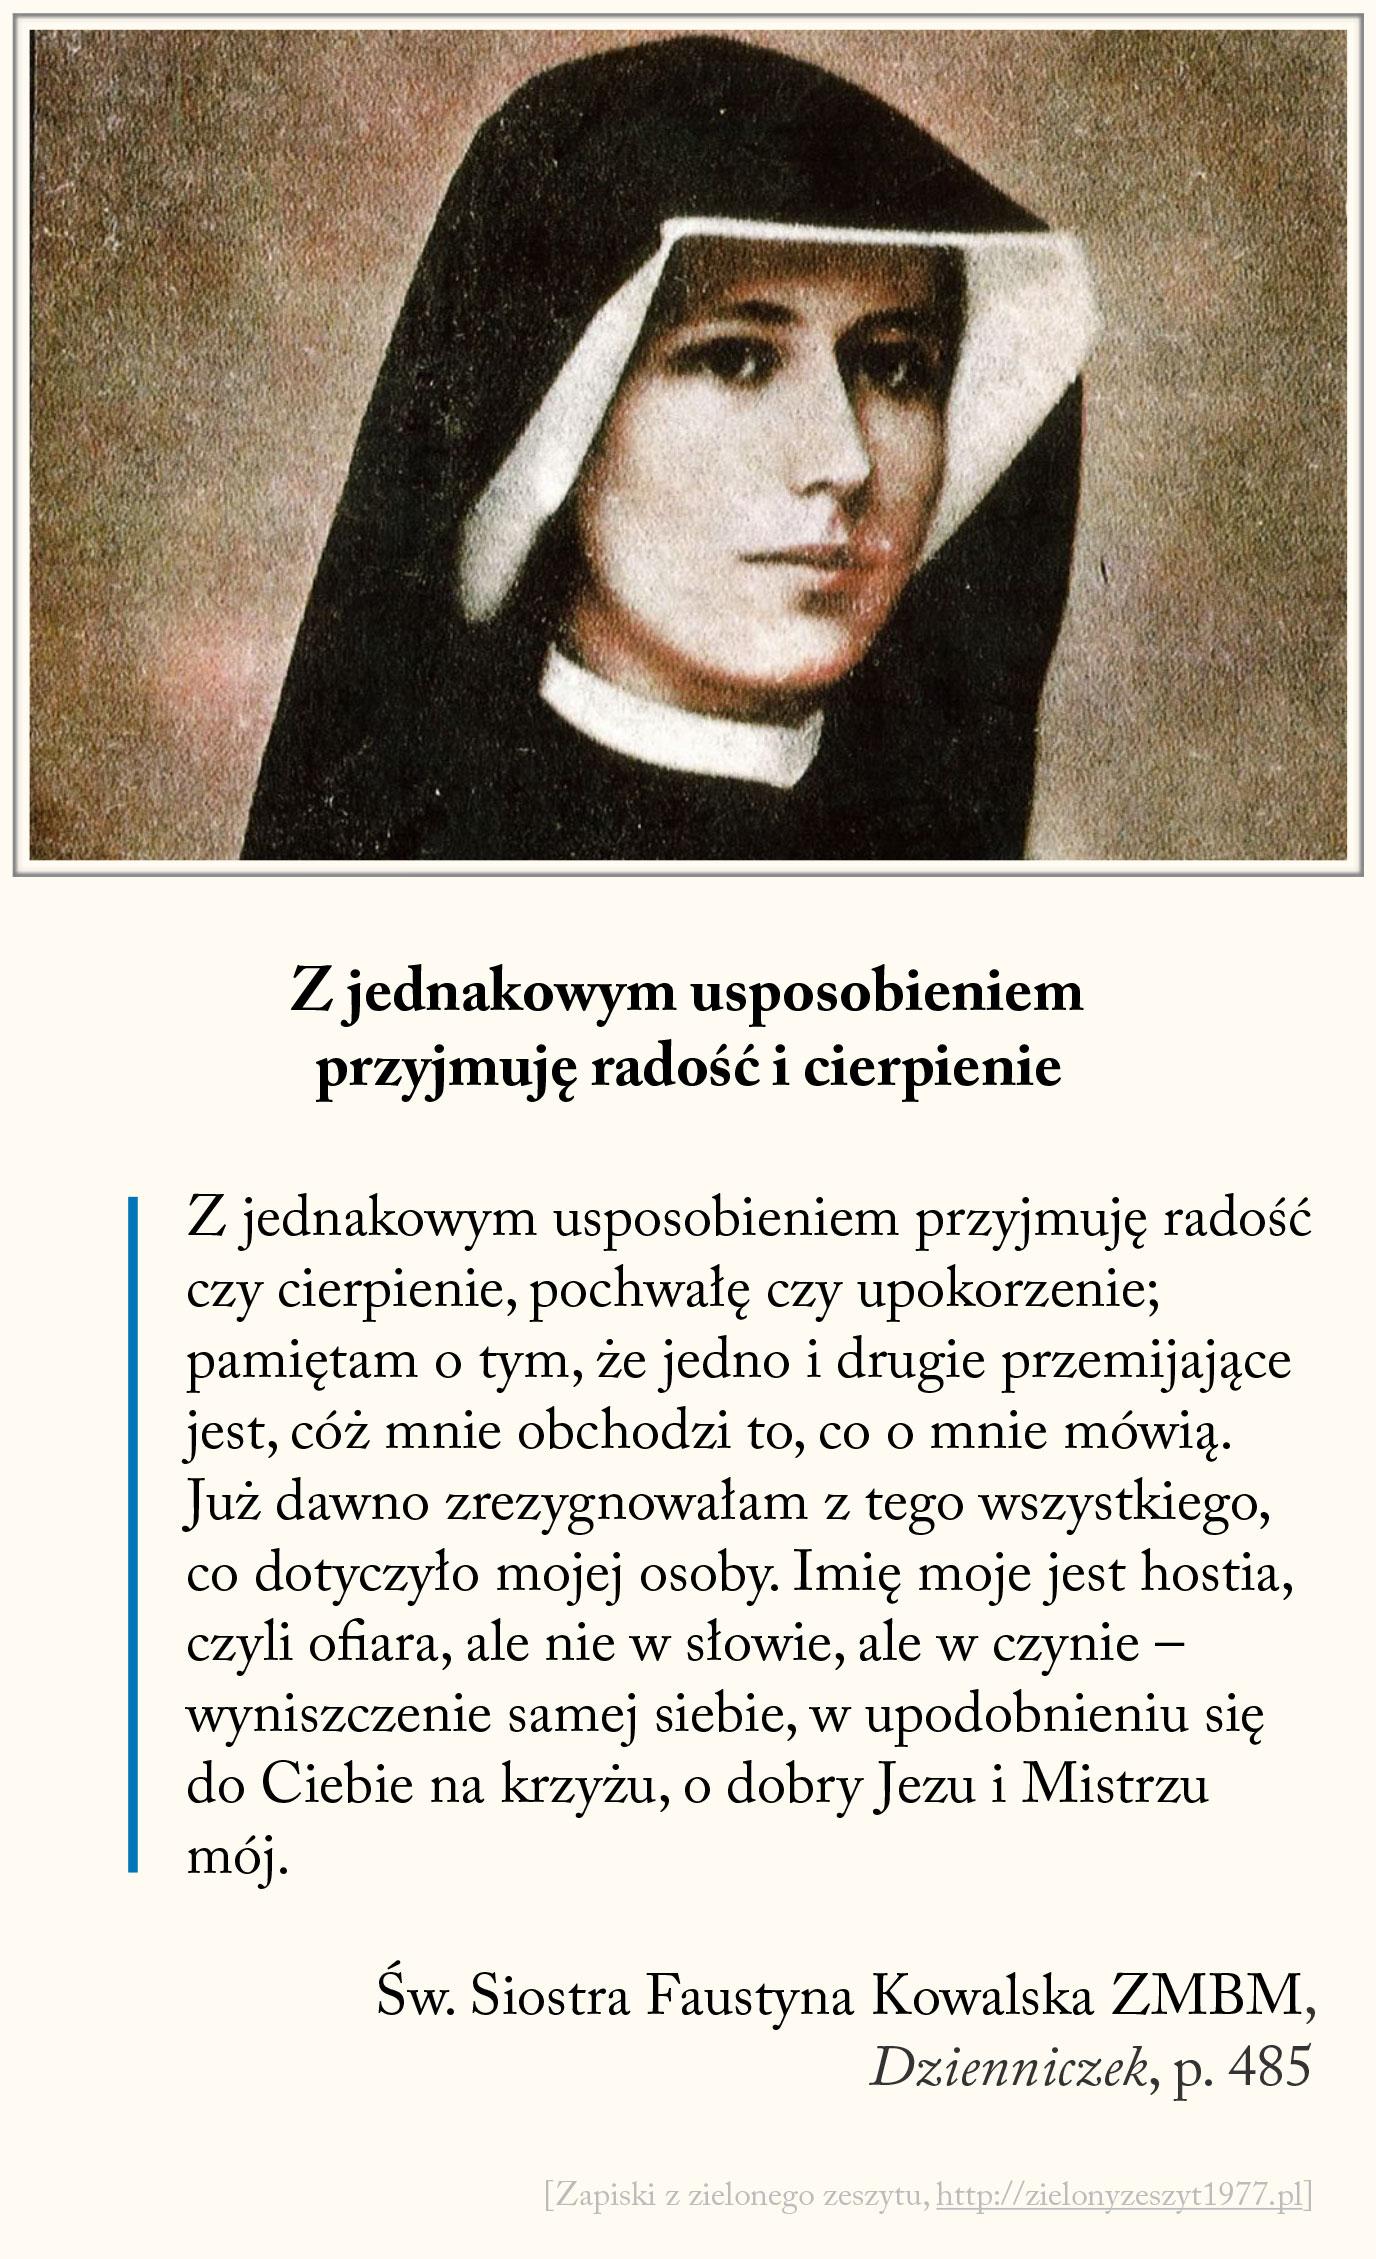 Z jednakowym usposobieniem przyjmuję radość i cierpienie, św. Faustyna Kowalska